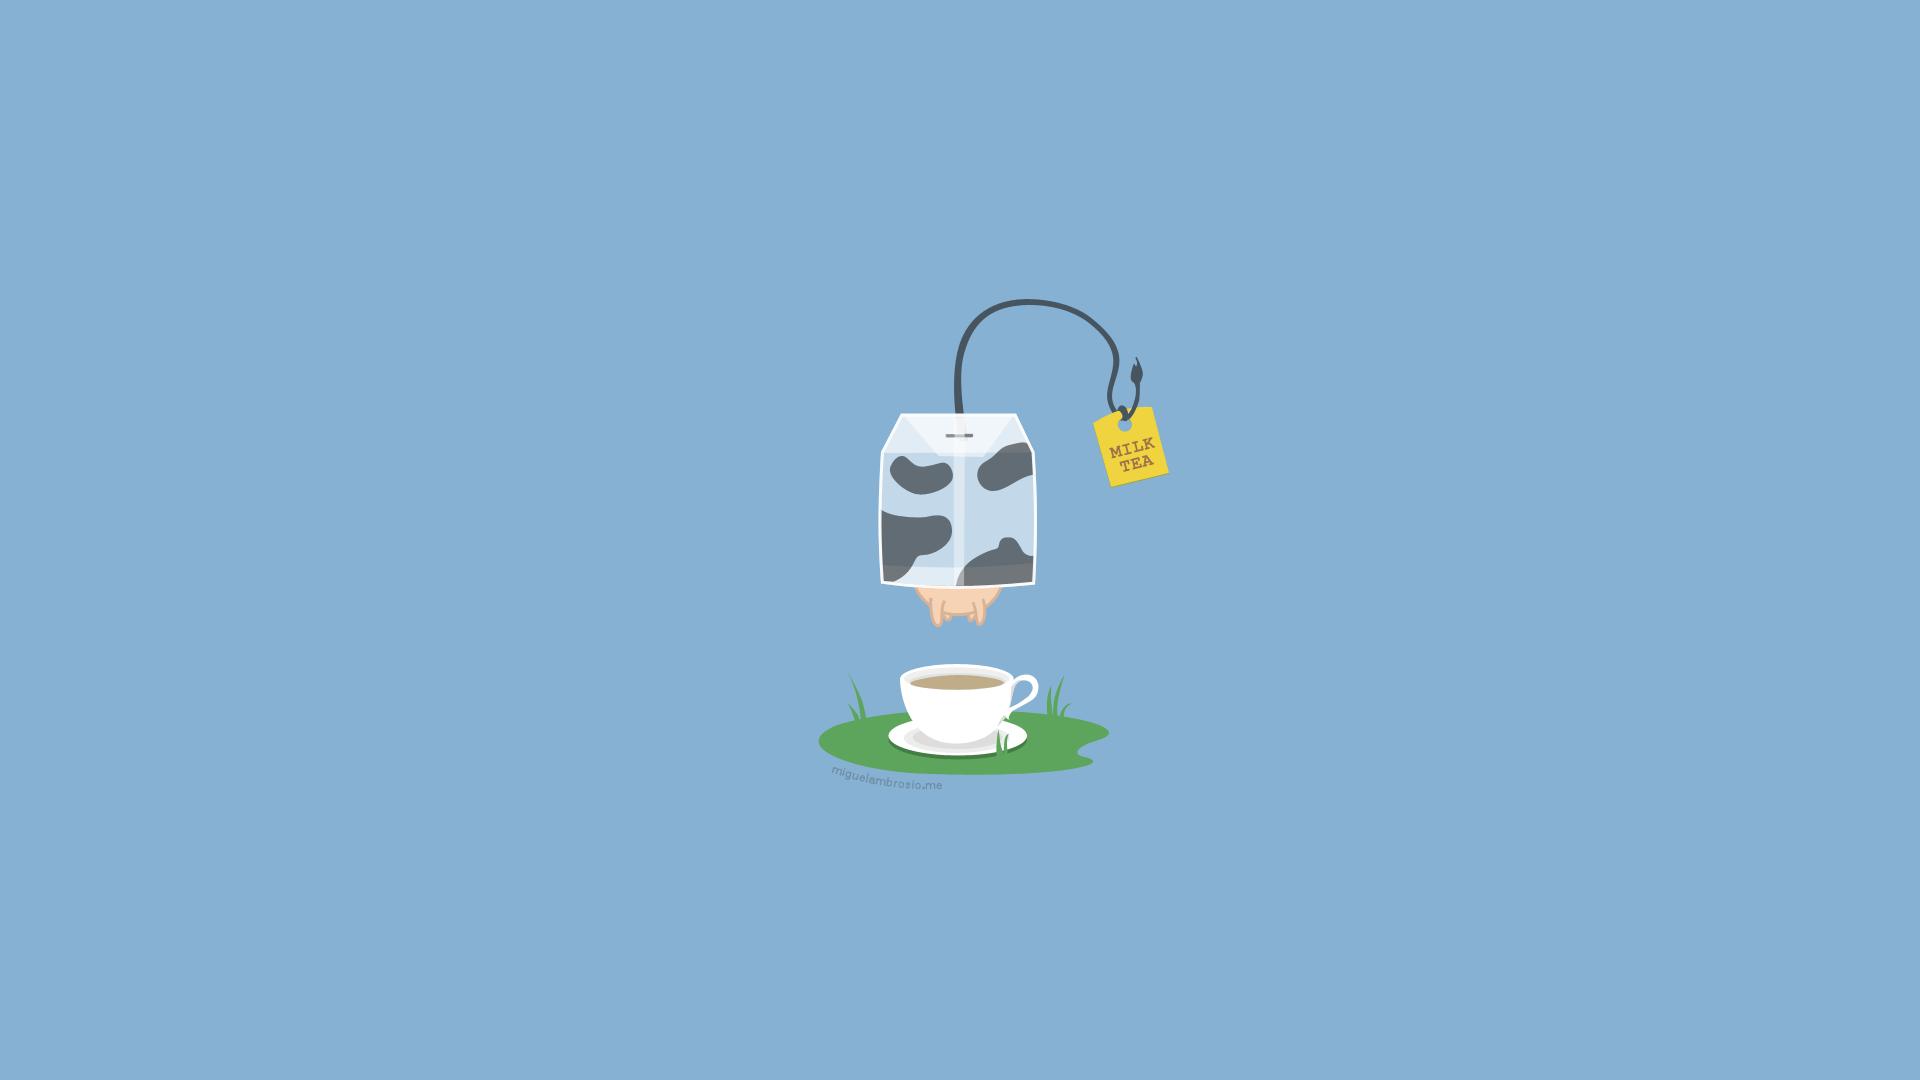 Milk Cartoon Wallpapers Top Free Milk Cartoon Backgrounds